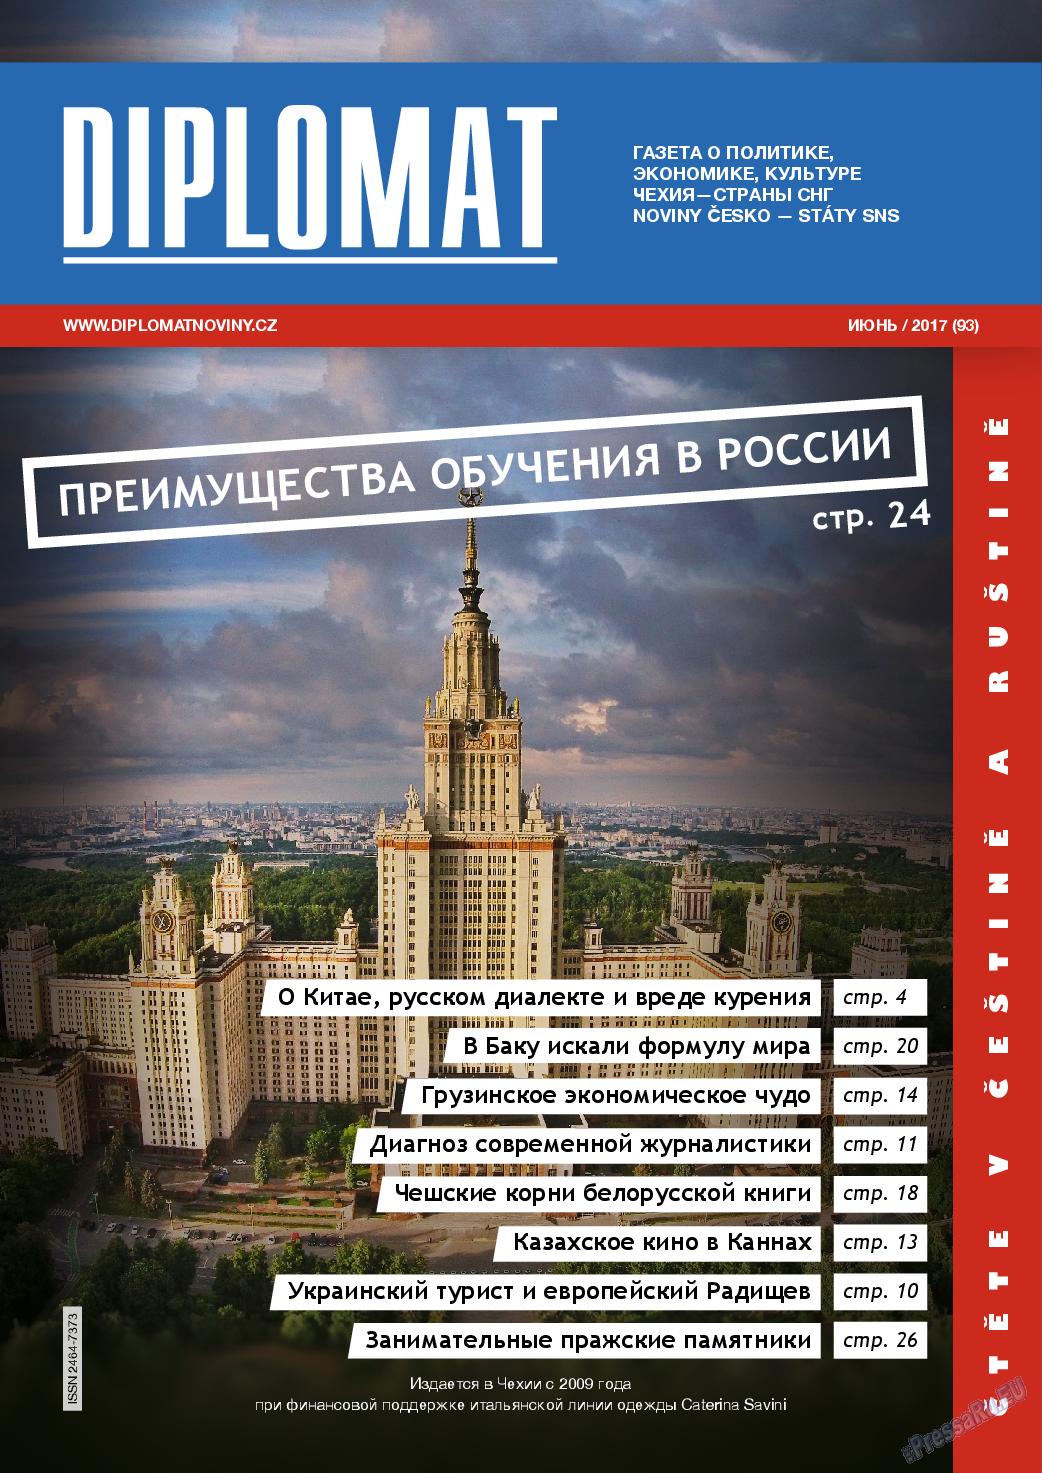 Diplomat (газета). 2017 год, номер 93, стр. 1